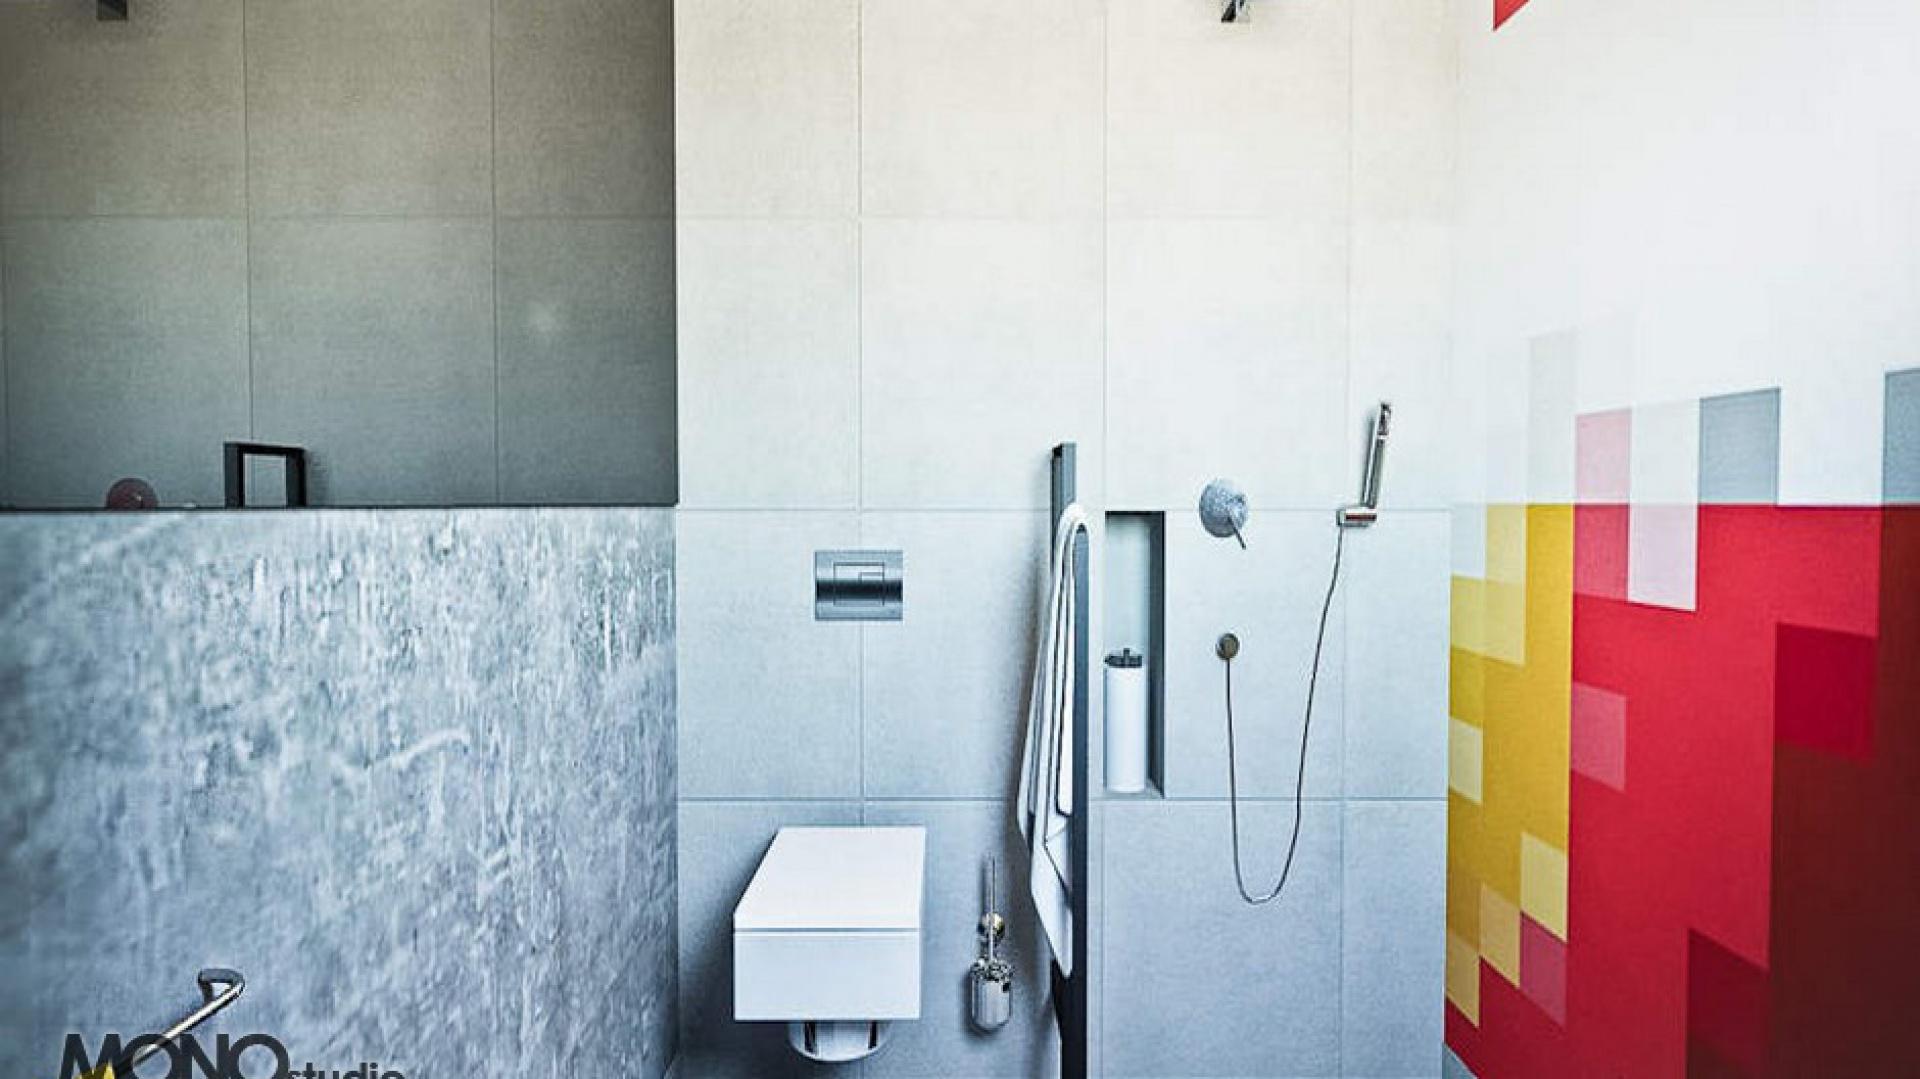 Oryginalna łazienka dla kreatywnego singla. Projekt MONOstudio. Fot. Archiwum Archiconnect.pl